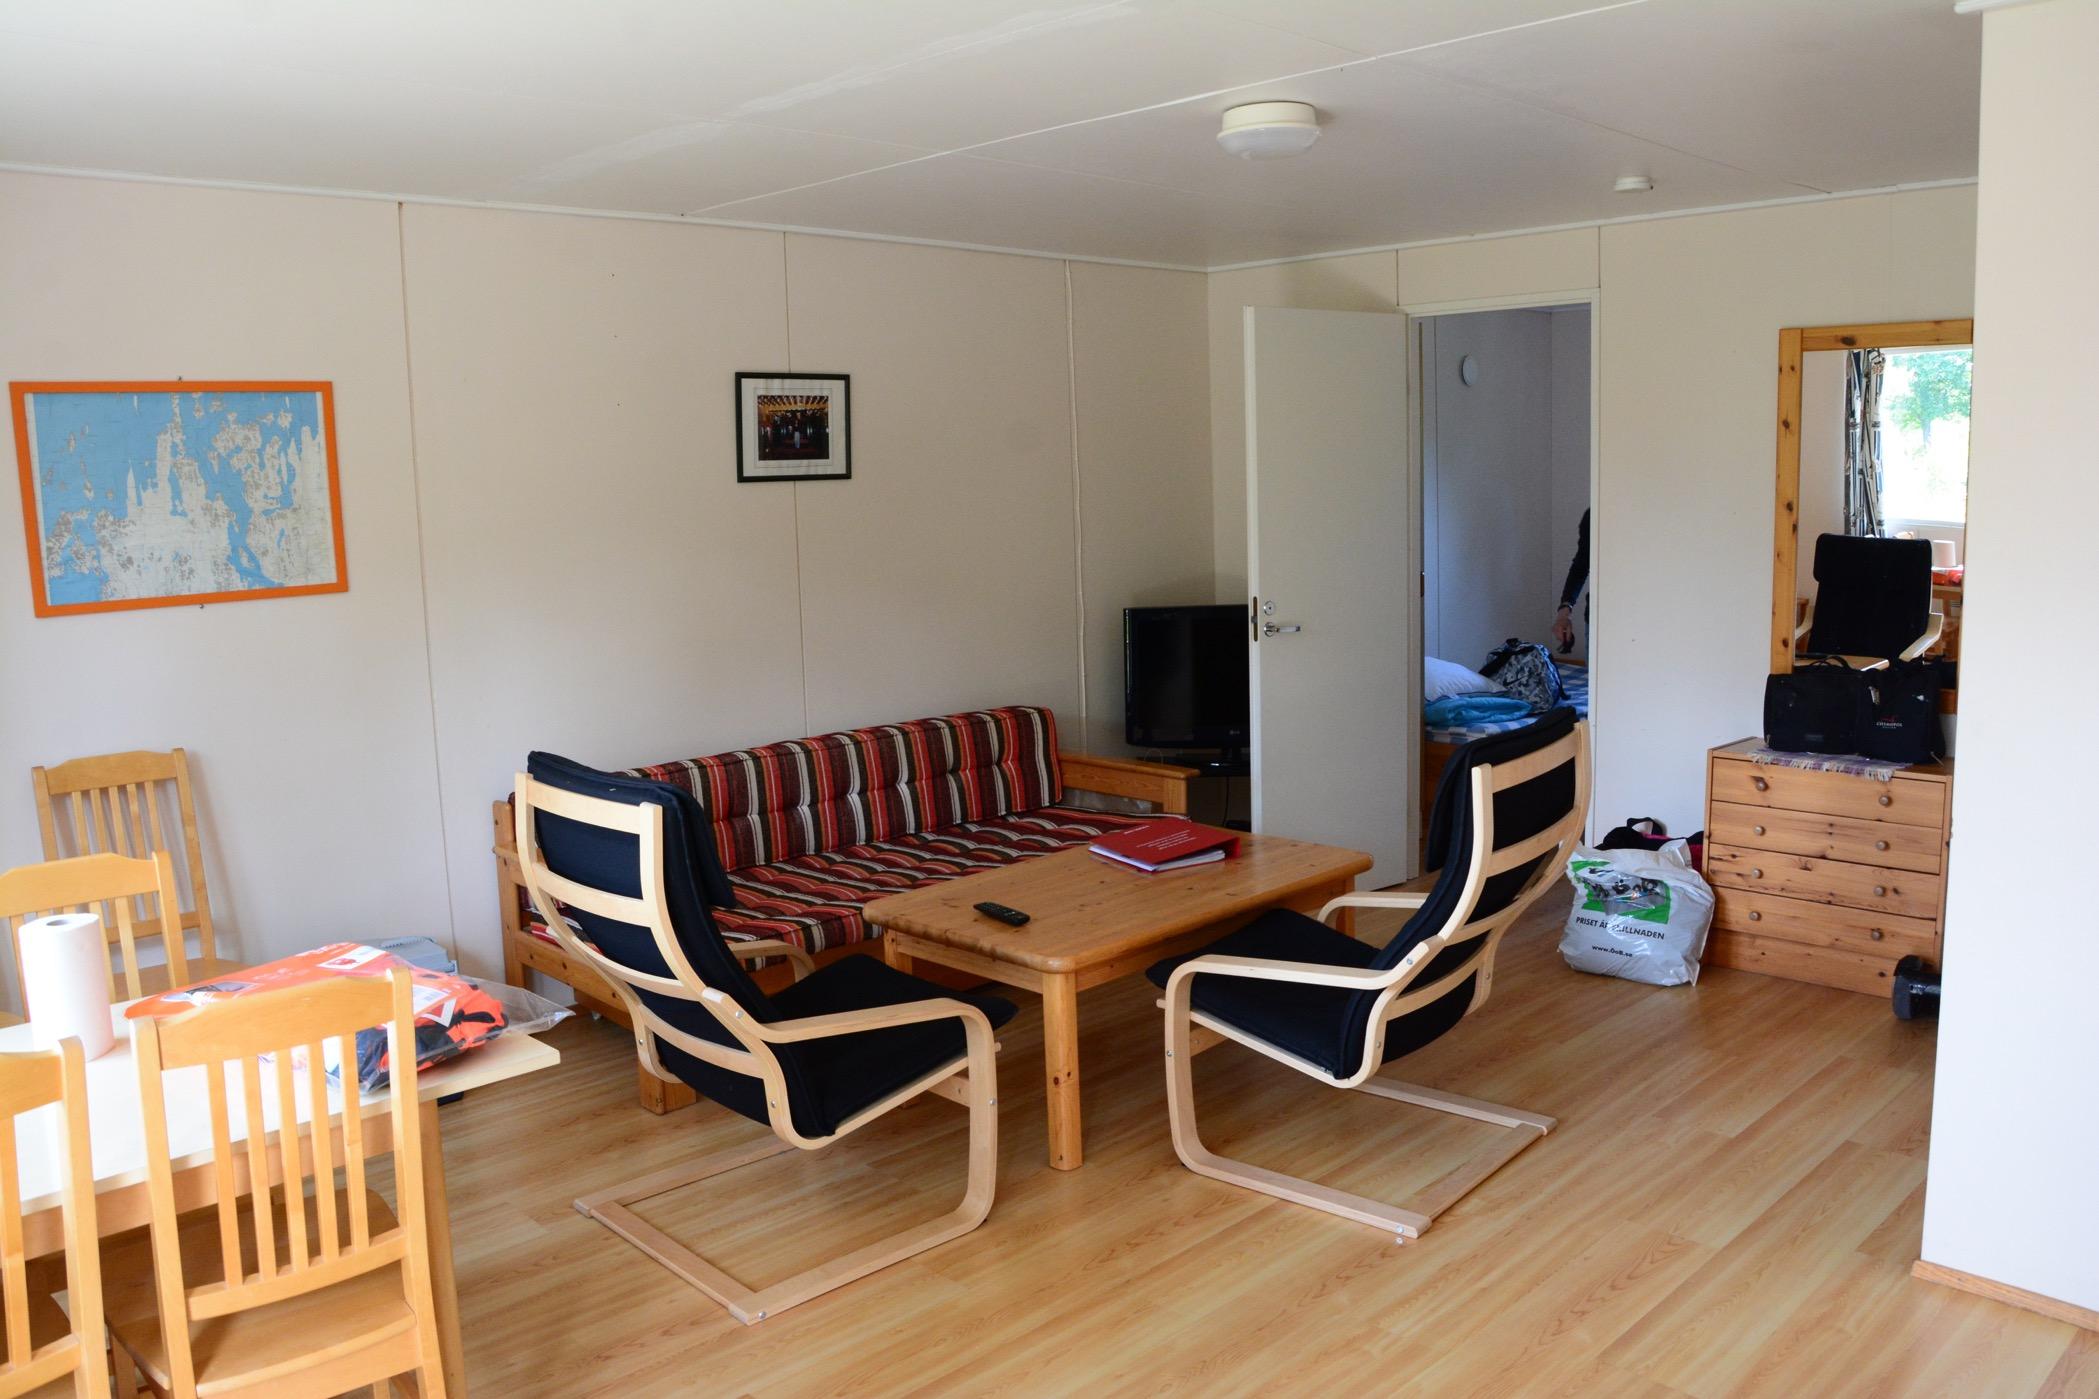 Bo i stuga på Åland, kråkskär, skag, kråkskärs fritidsområde